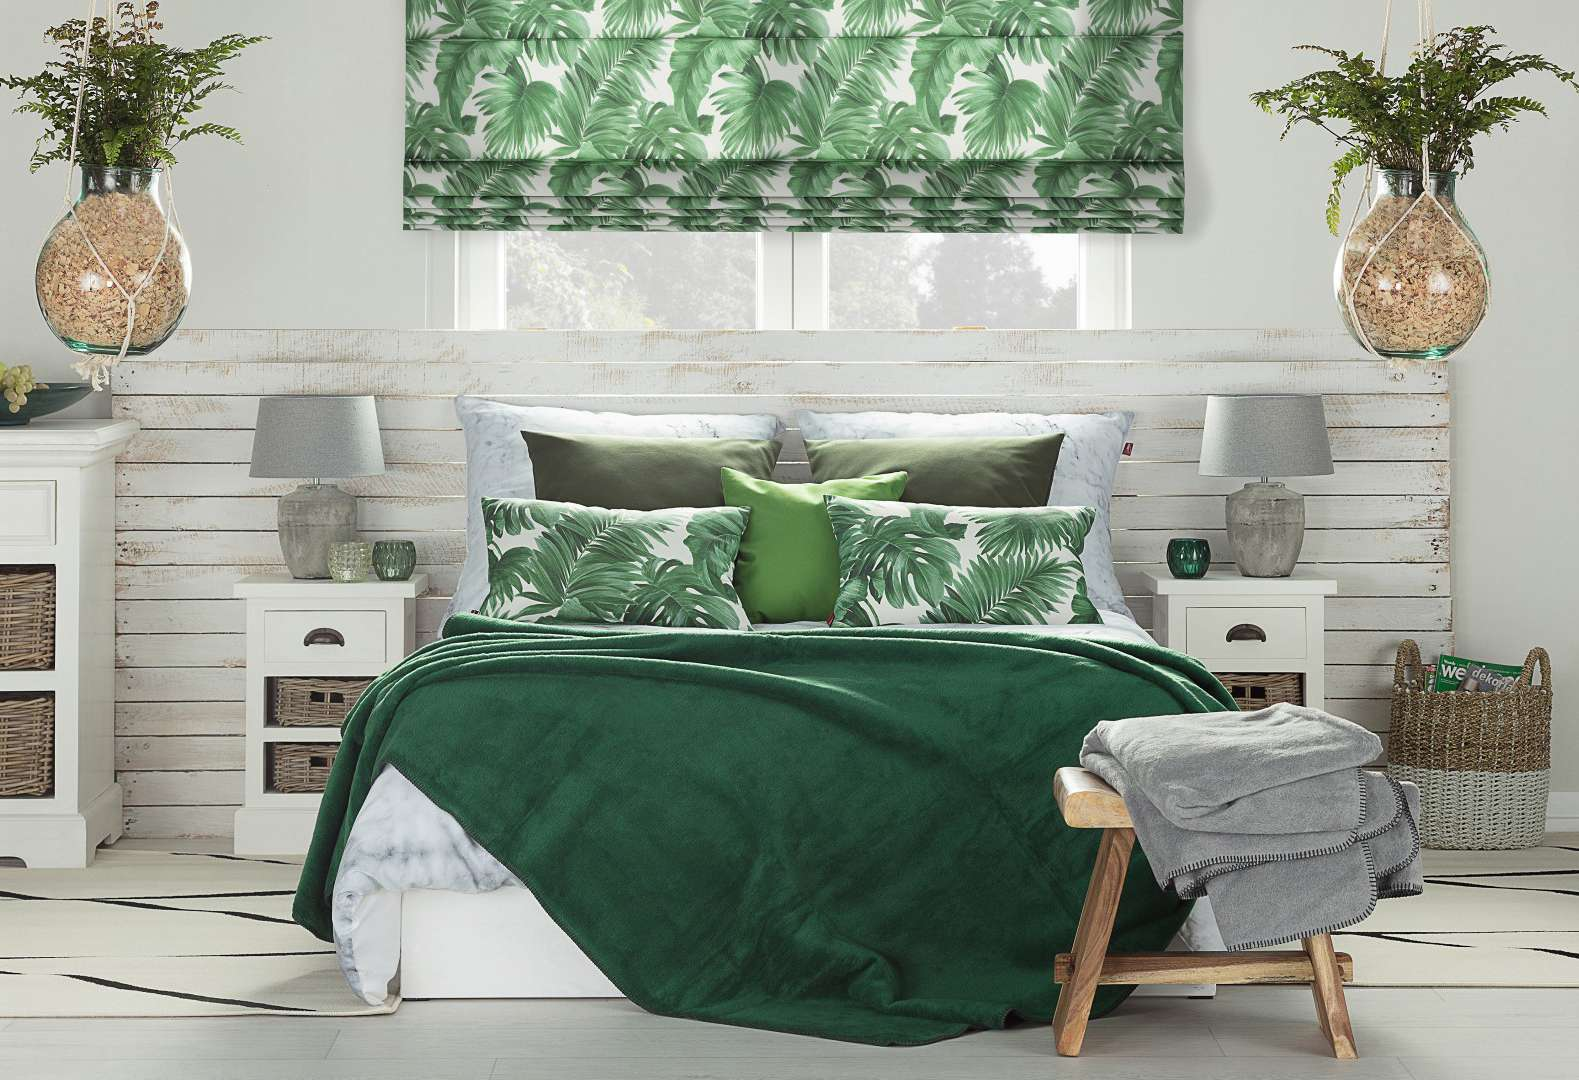 Tropická spálňa - Urban jungle